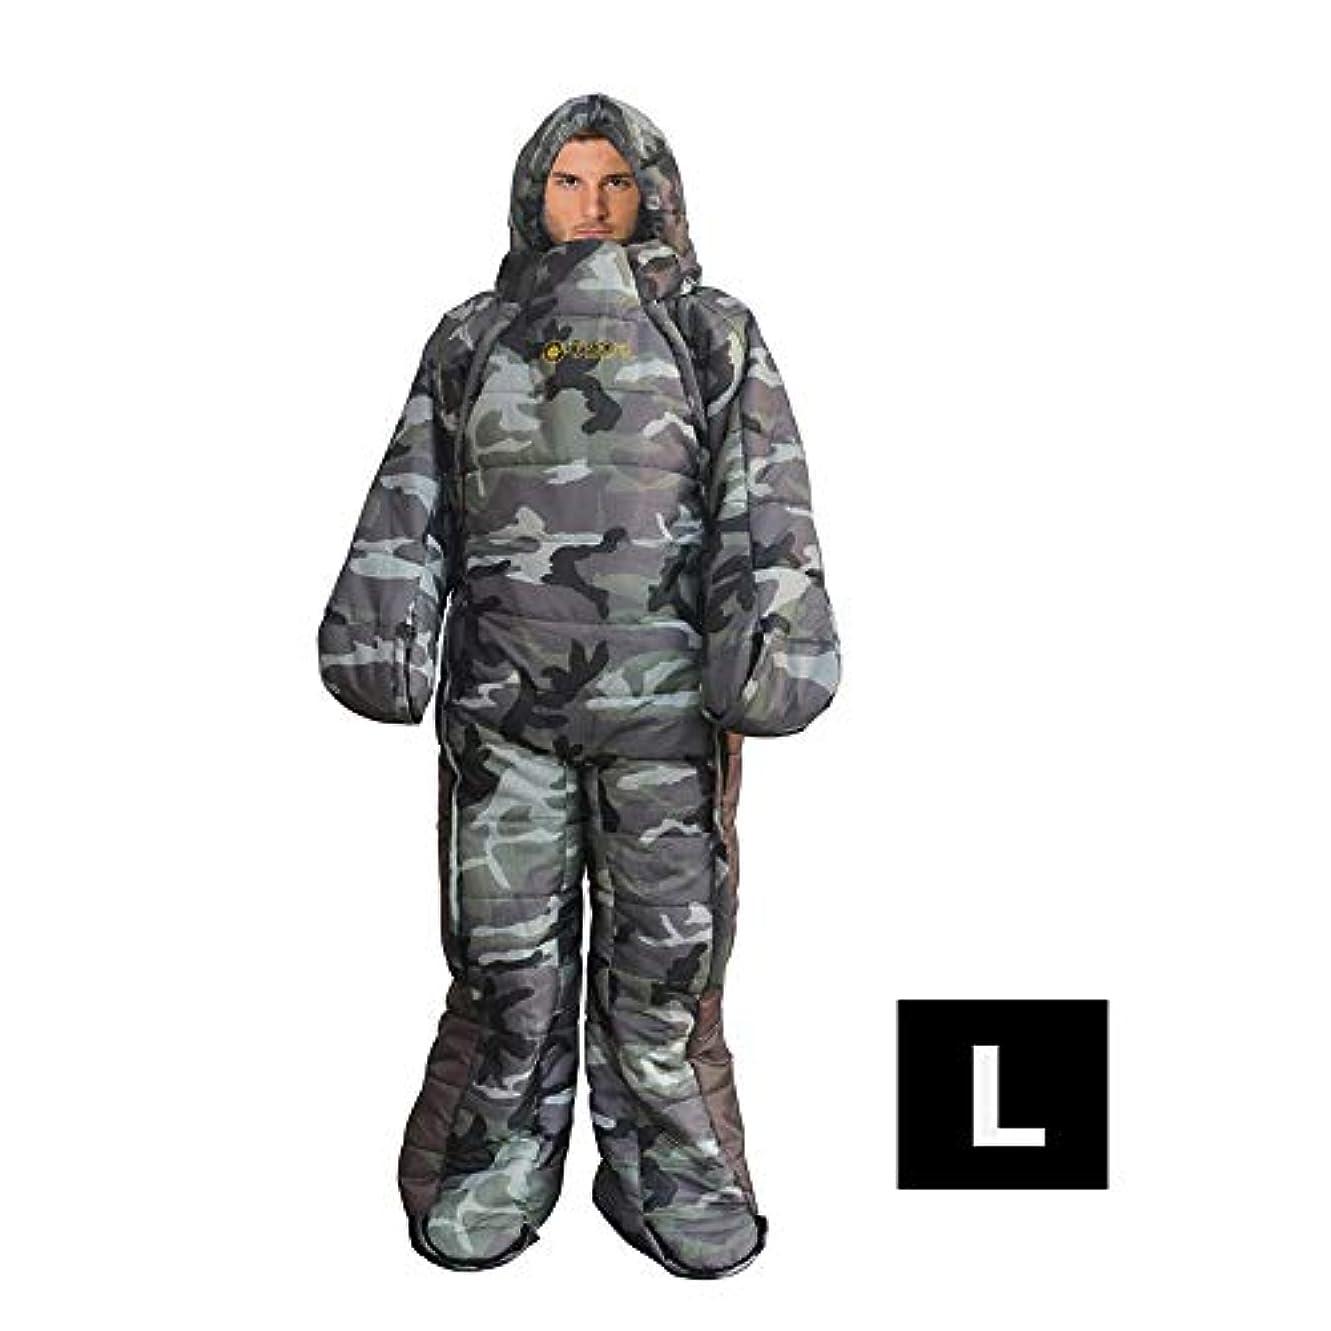 ブリリアント検出器不規則性屋外キャンプミイラ寝袋、 ウェアラブル寝袋ウォーキング寝袋、 ポータブルハイキング防水バックパック寝袋、 大人の綿フランネル寝袋、 圧縮バッグを送る